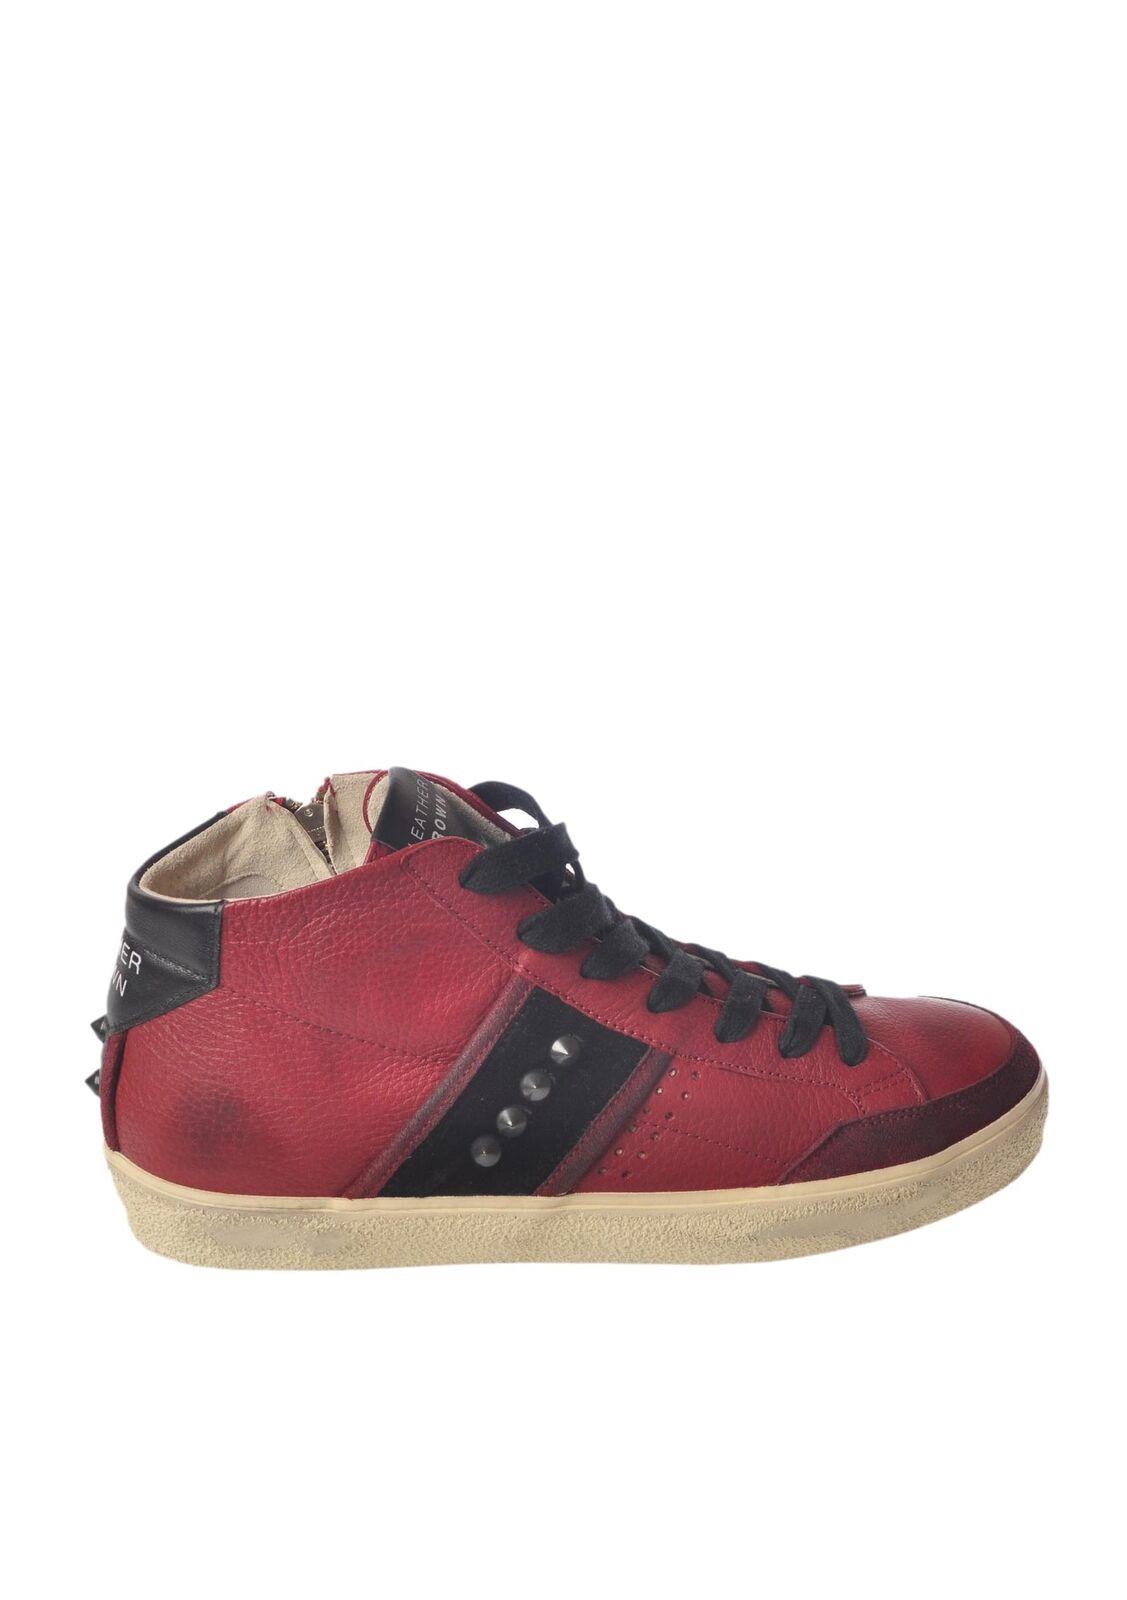 Leather Crown  -  zapatillas - hombres - rojo - 4378625A184339